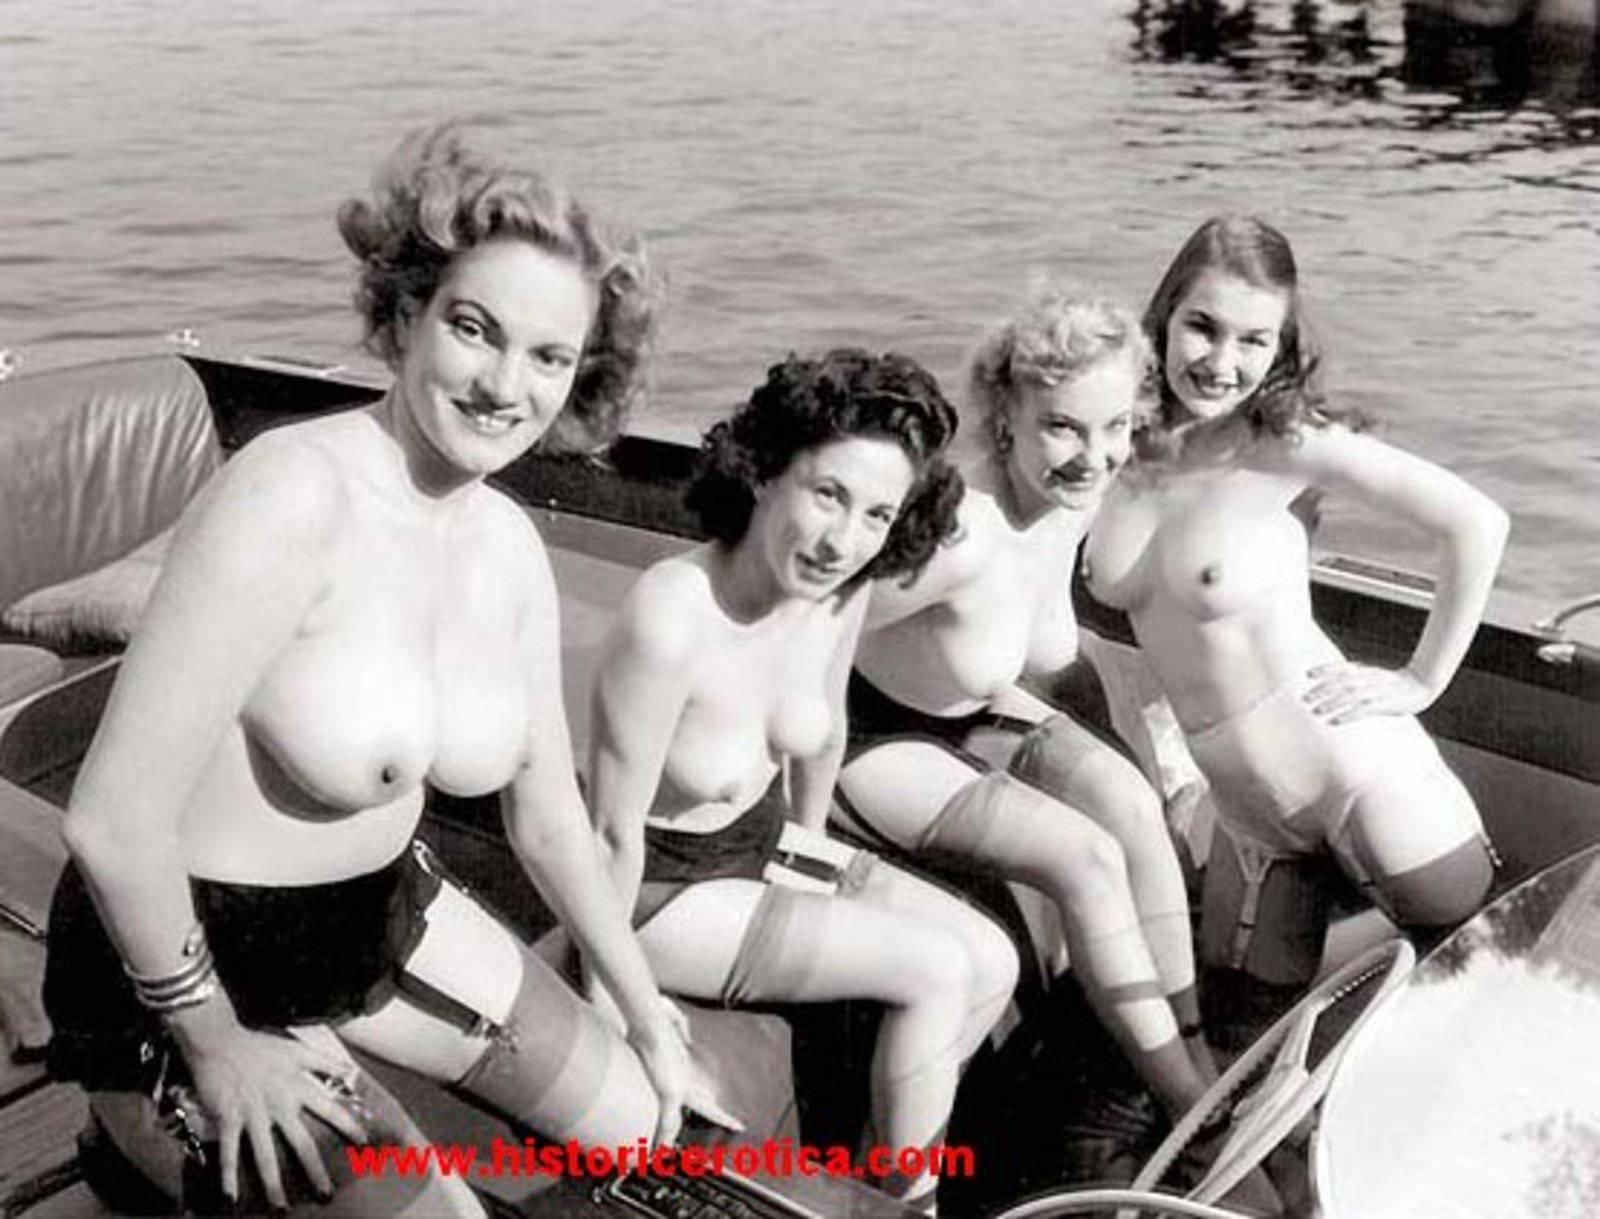 Эротические фото женщин 60 х годов, Ретро эротика голых девушки и женщины - смотреть 23 фотография